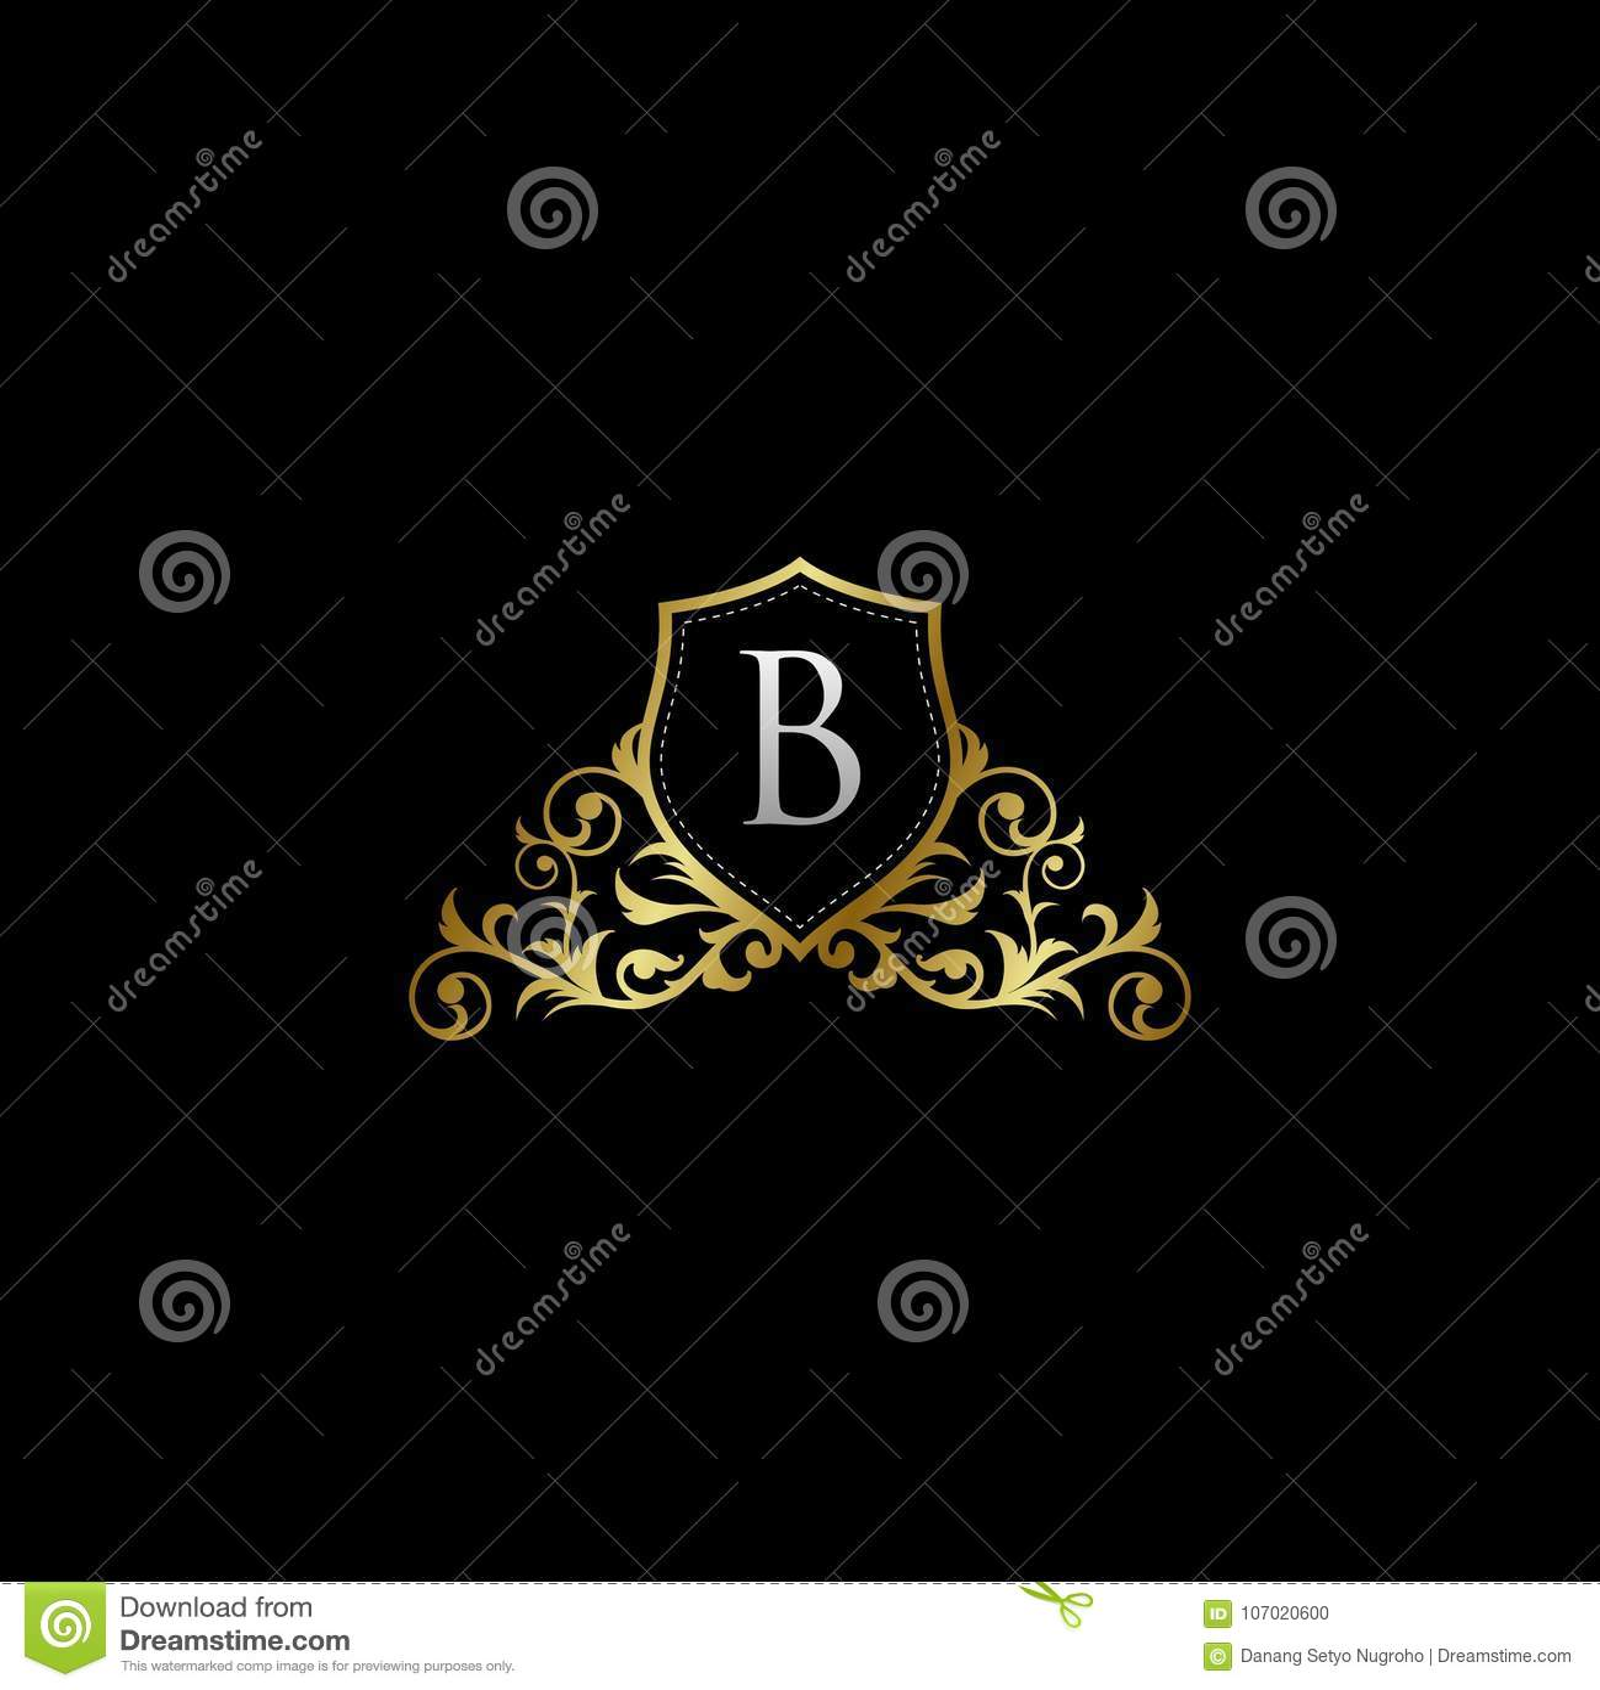 B Logo luxurious classy letter b logo vector stock illustration